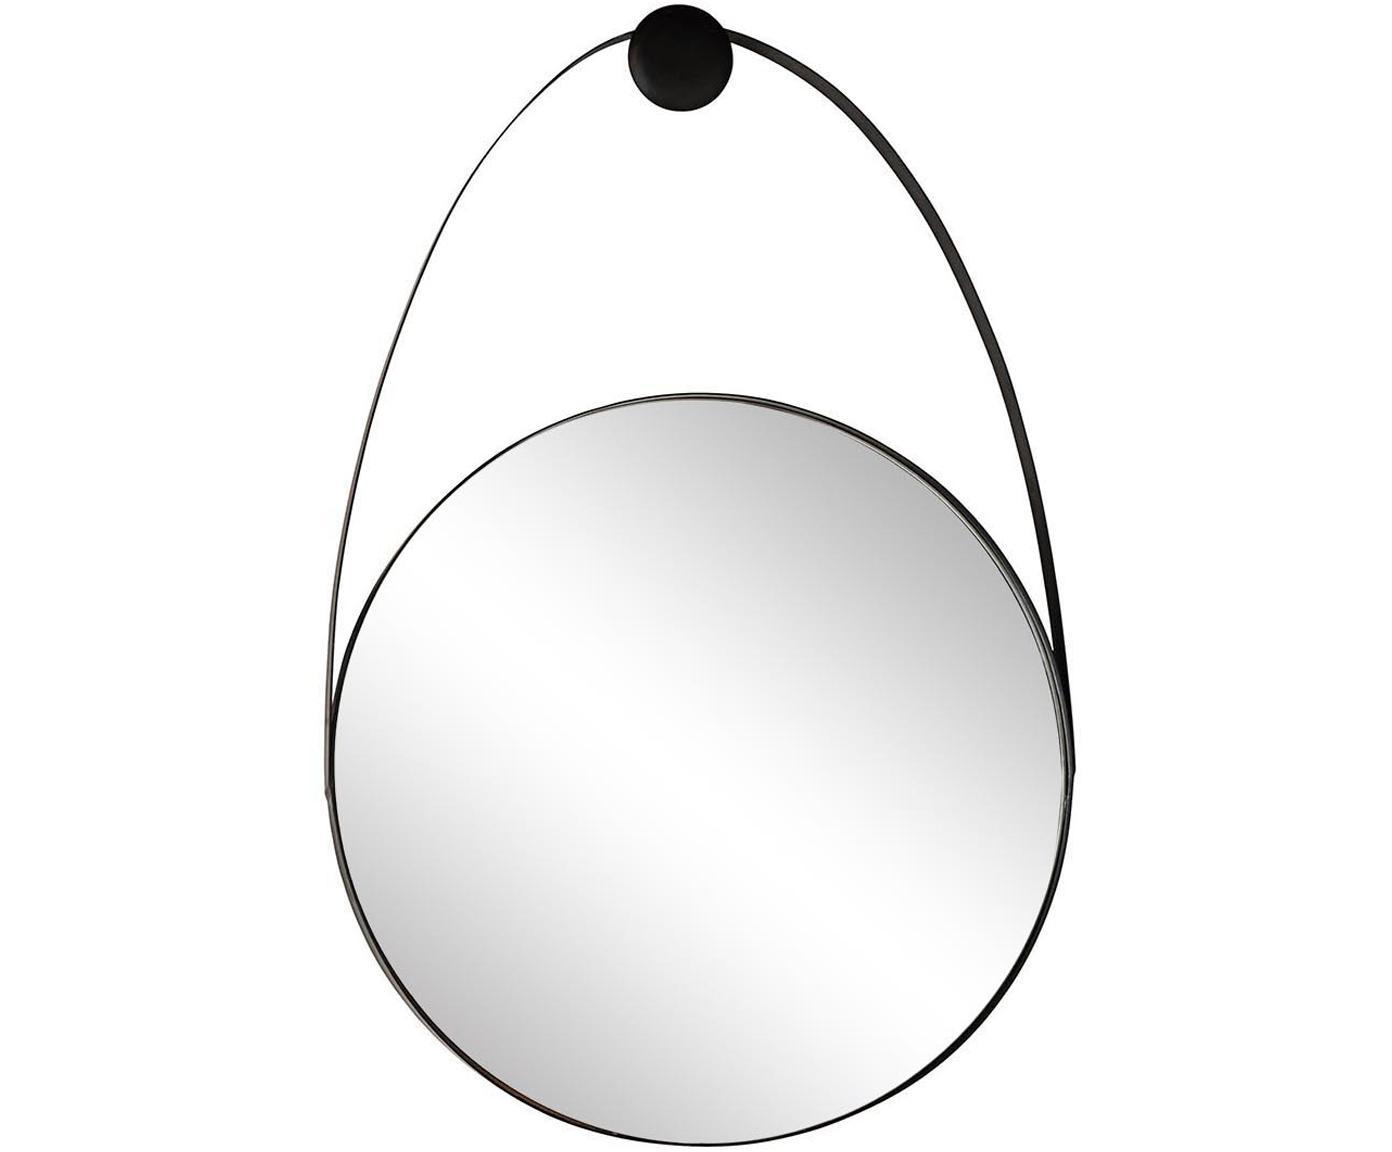 Espejo de pared Kieran, Correa: epoxy, Negro, An 46 x Al 68 cm